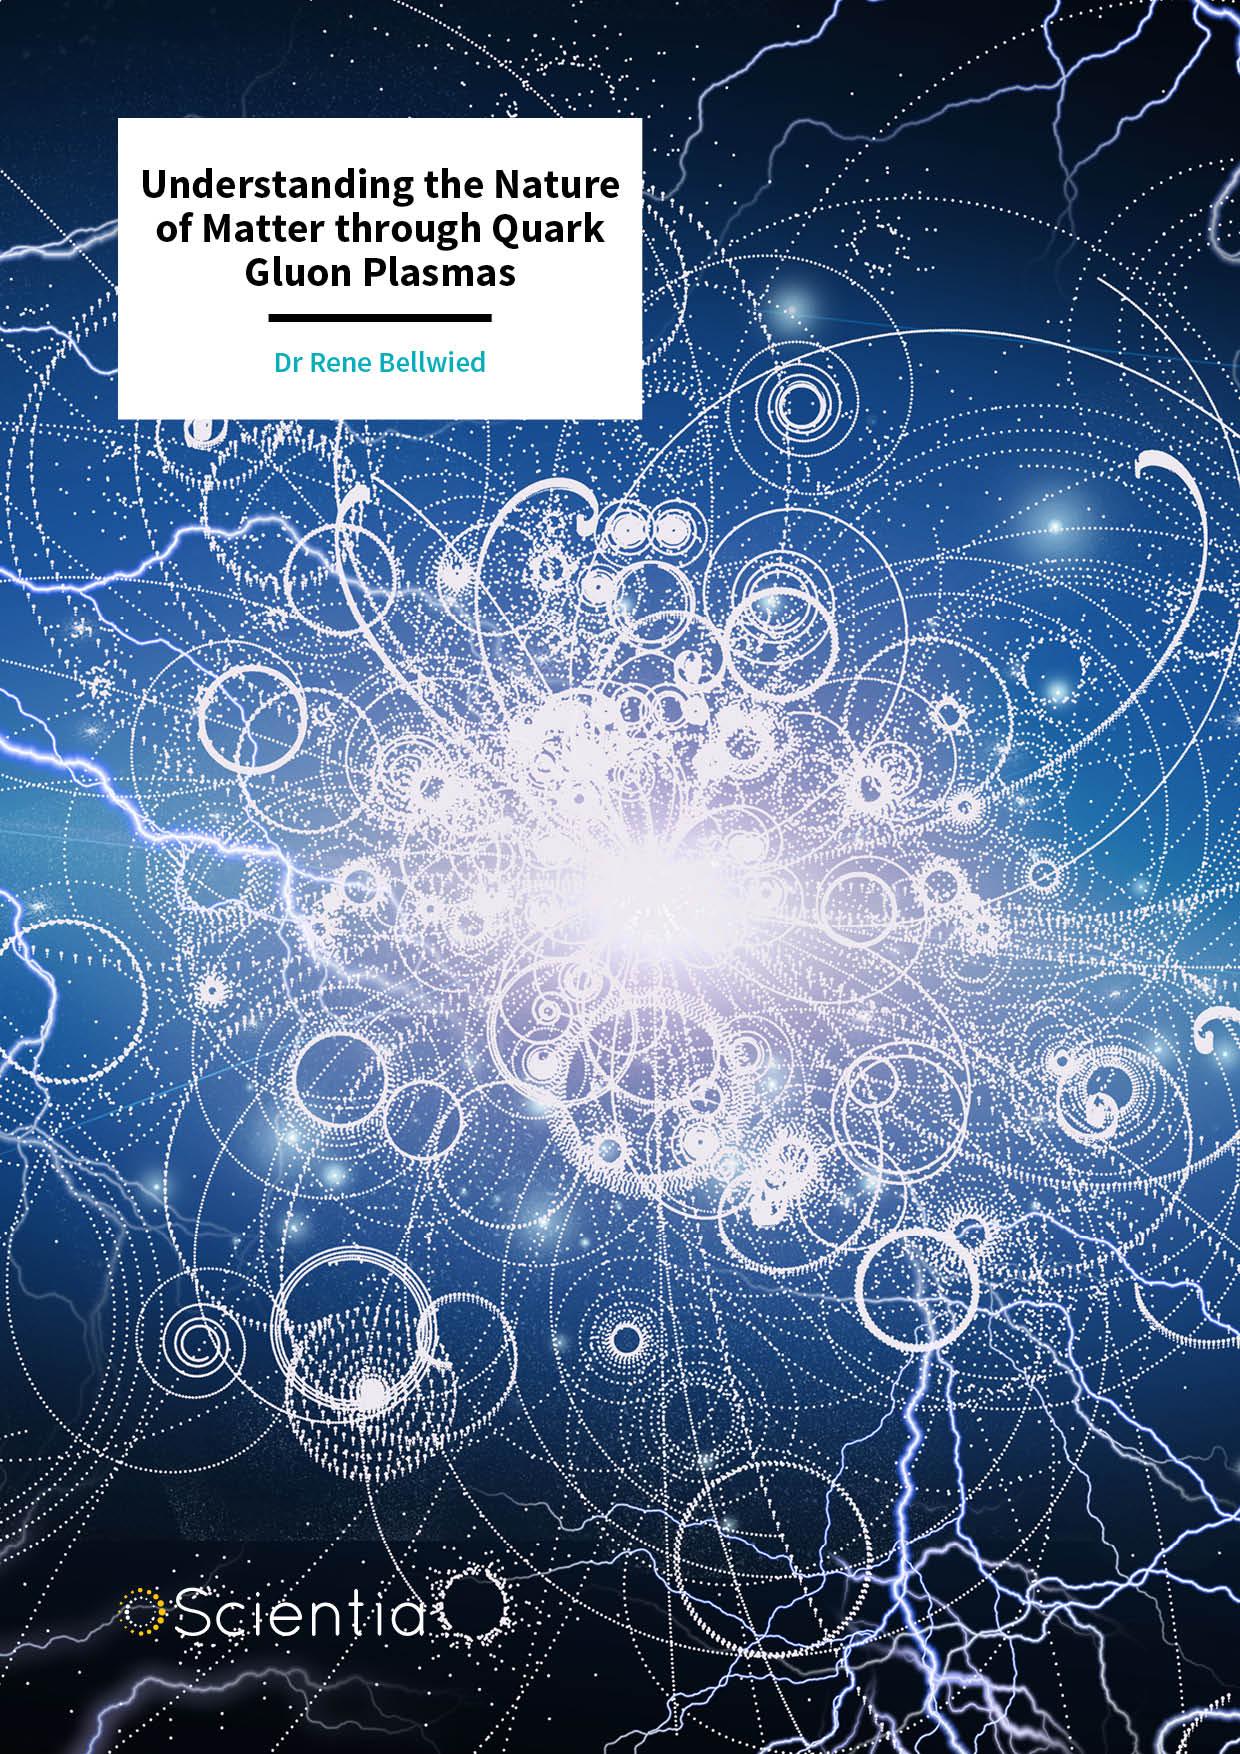 Dr Rene Bellwied – Understanding the Nature of Matter through Quark Gluon Plasmas